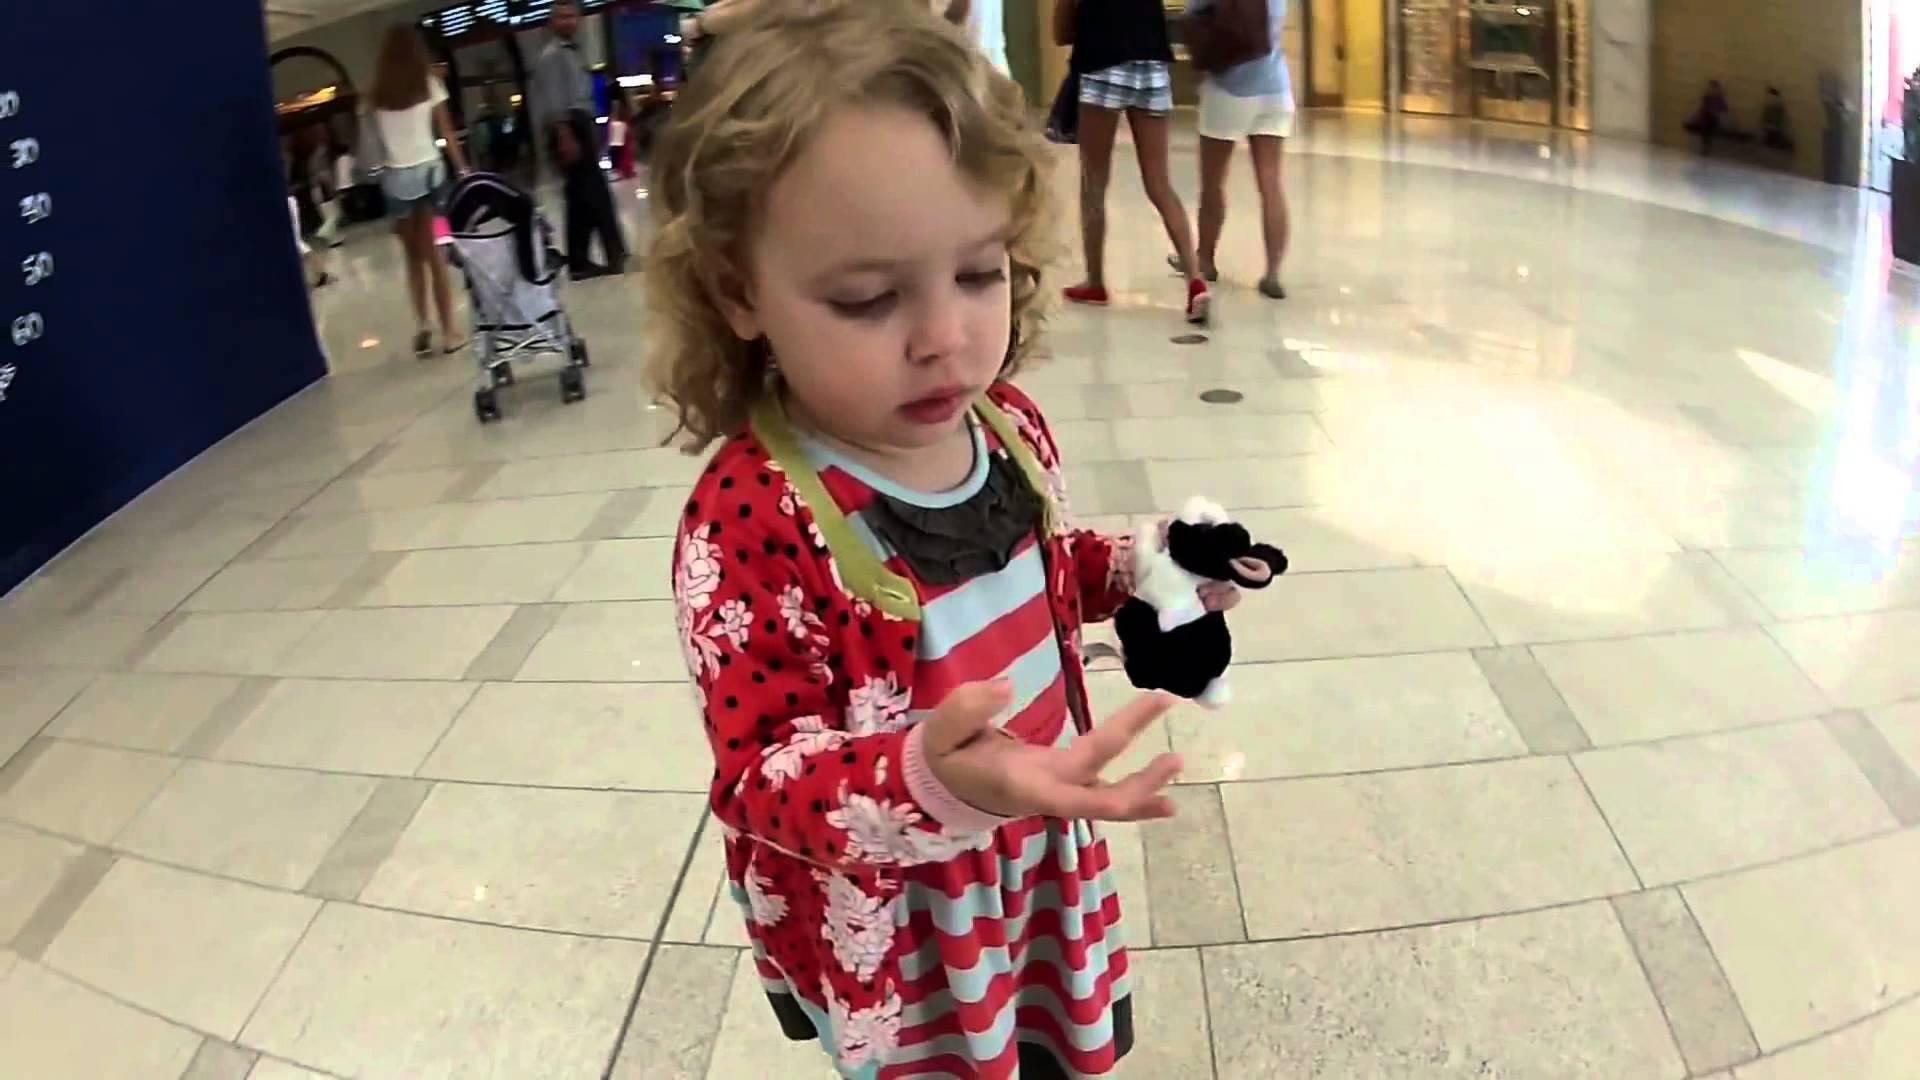 ドバイのショッピングモールにきたアメリカの女の子。突然のムスリムの祈りの音楽に興味津々